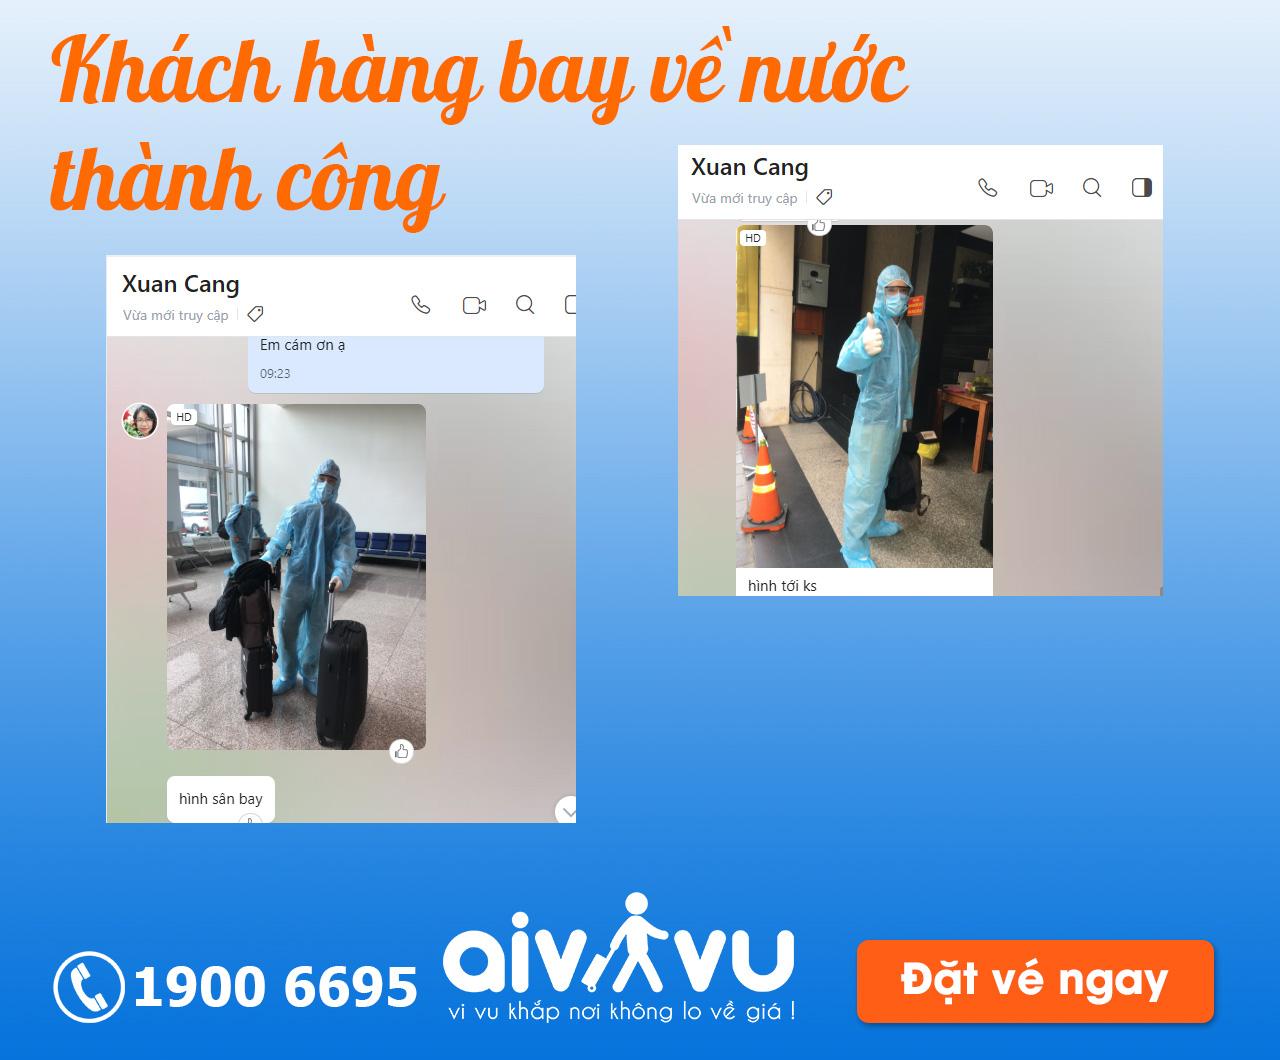 Khách hàng sử dụng dịch vụ từ Aivivu về nước thành công